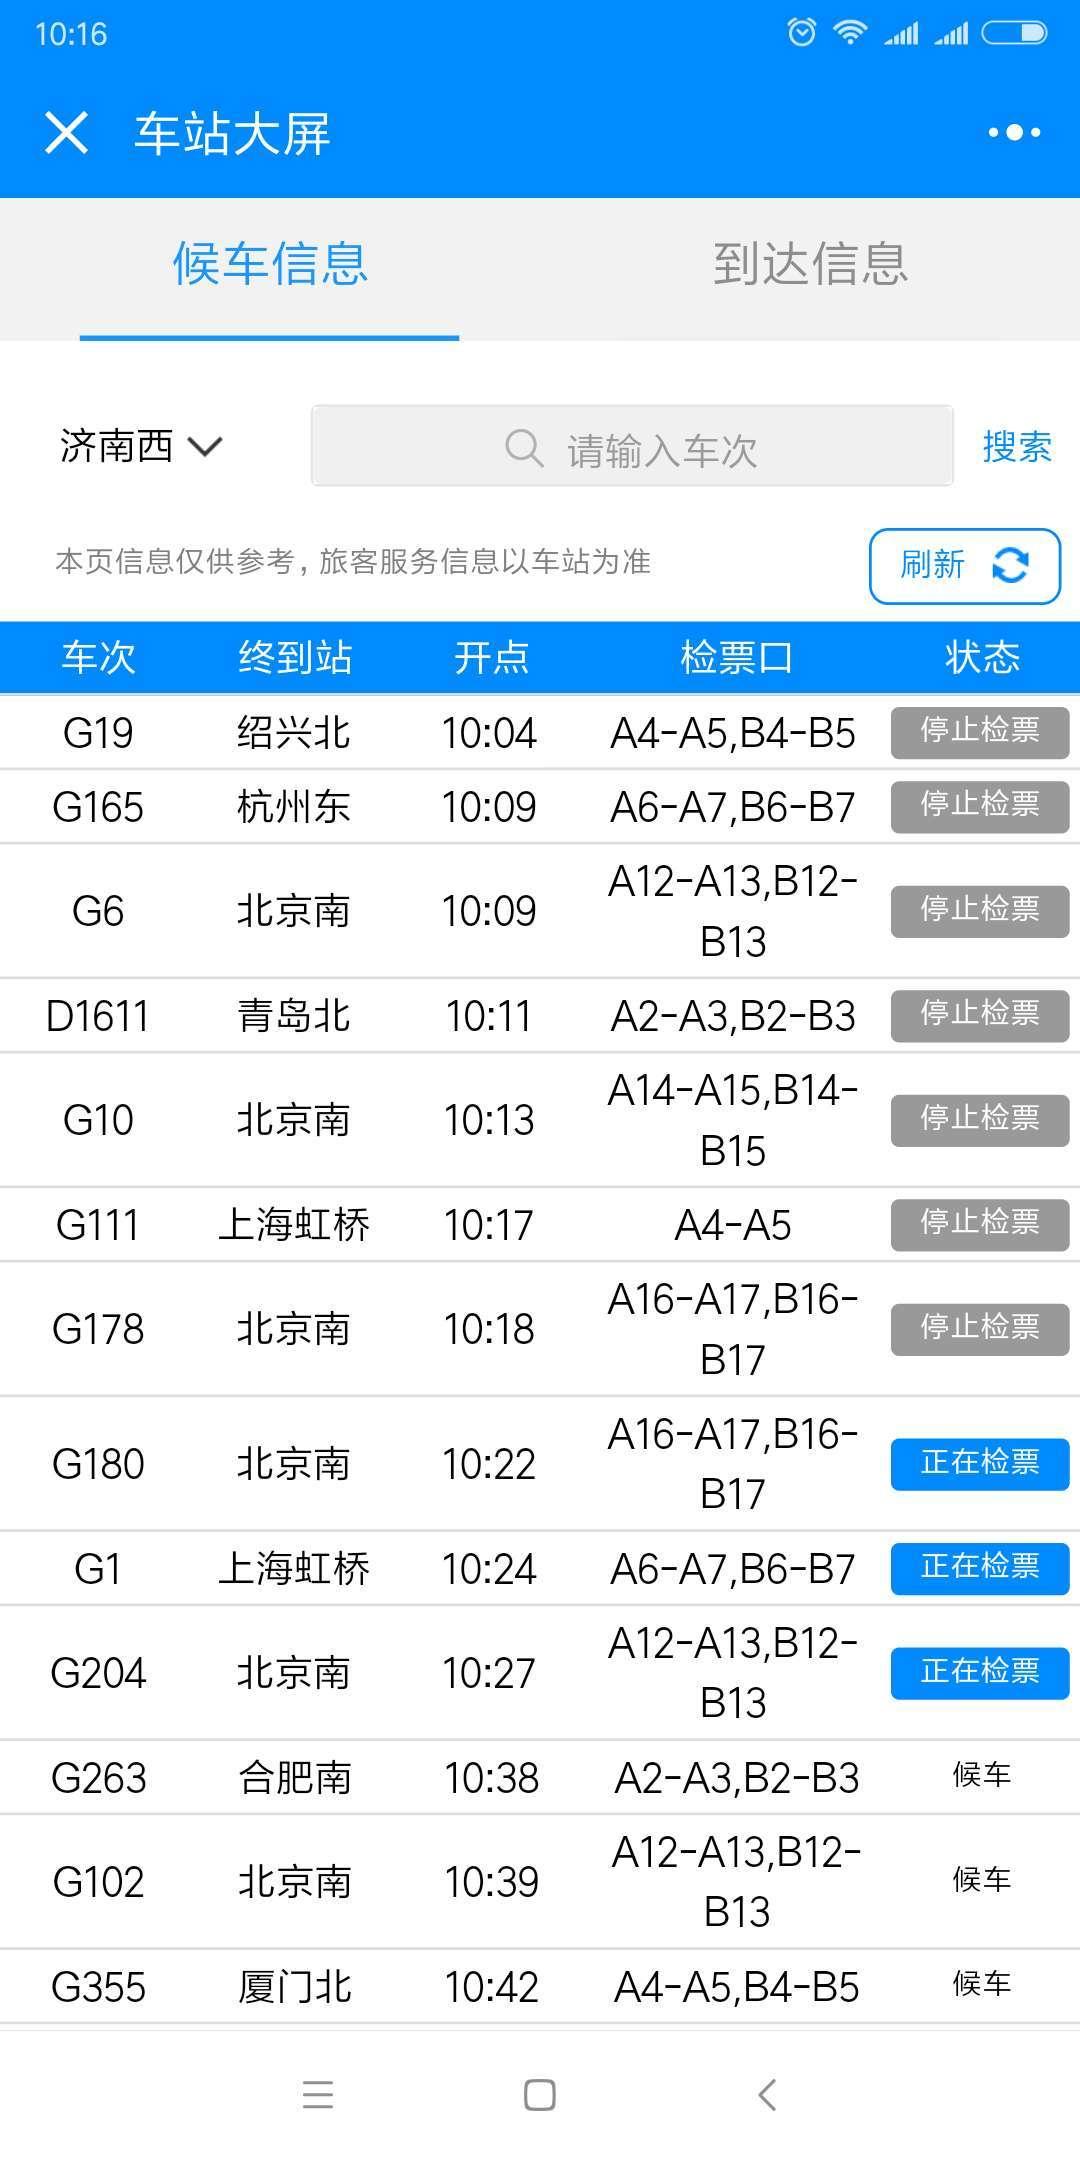 表情 pk10单双大小稳赚技巧 12306微信小程序怎么使用 使用操作技巧攻略 北京  表情